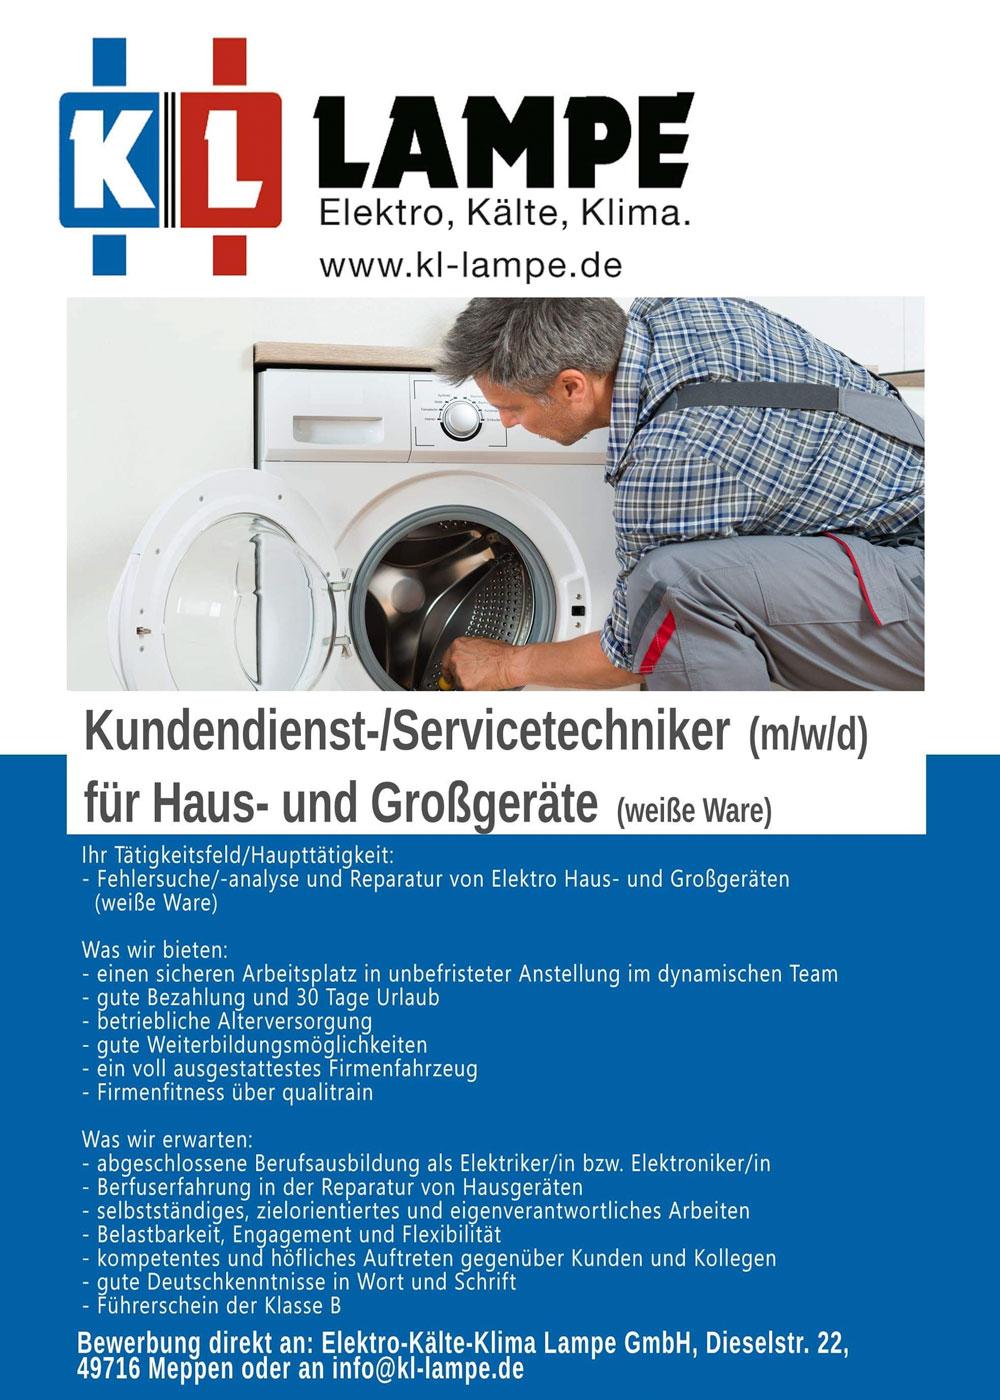 Stellenanzeige Servicetechniker Kundendienst bei KL Lampe in Meppen